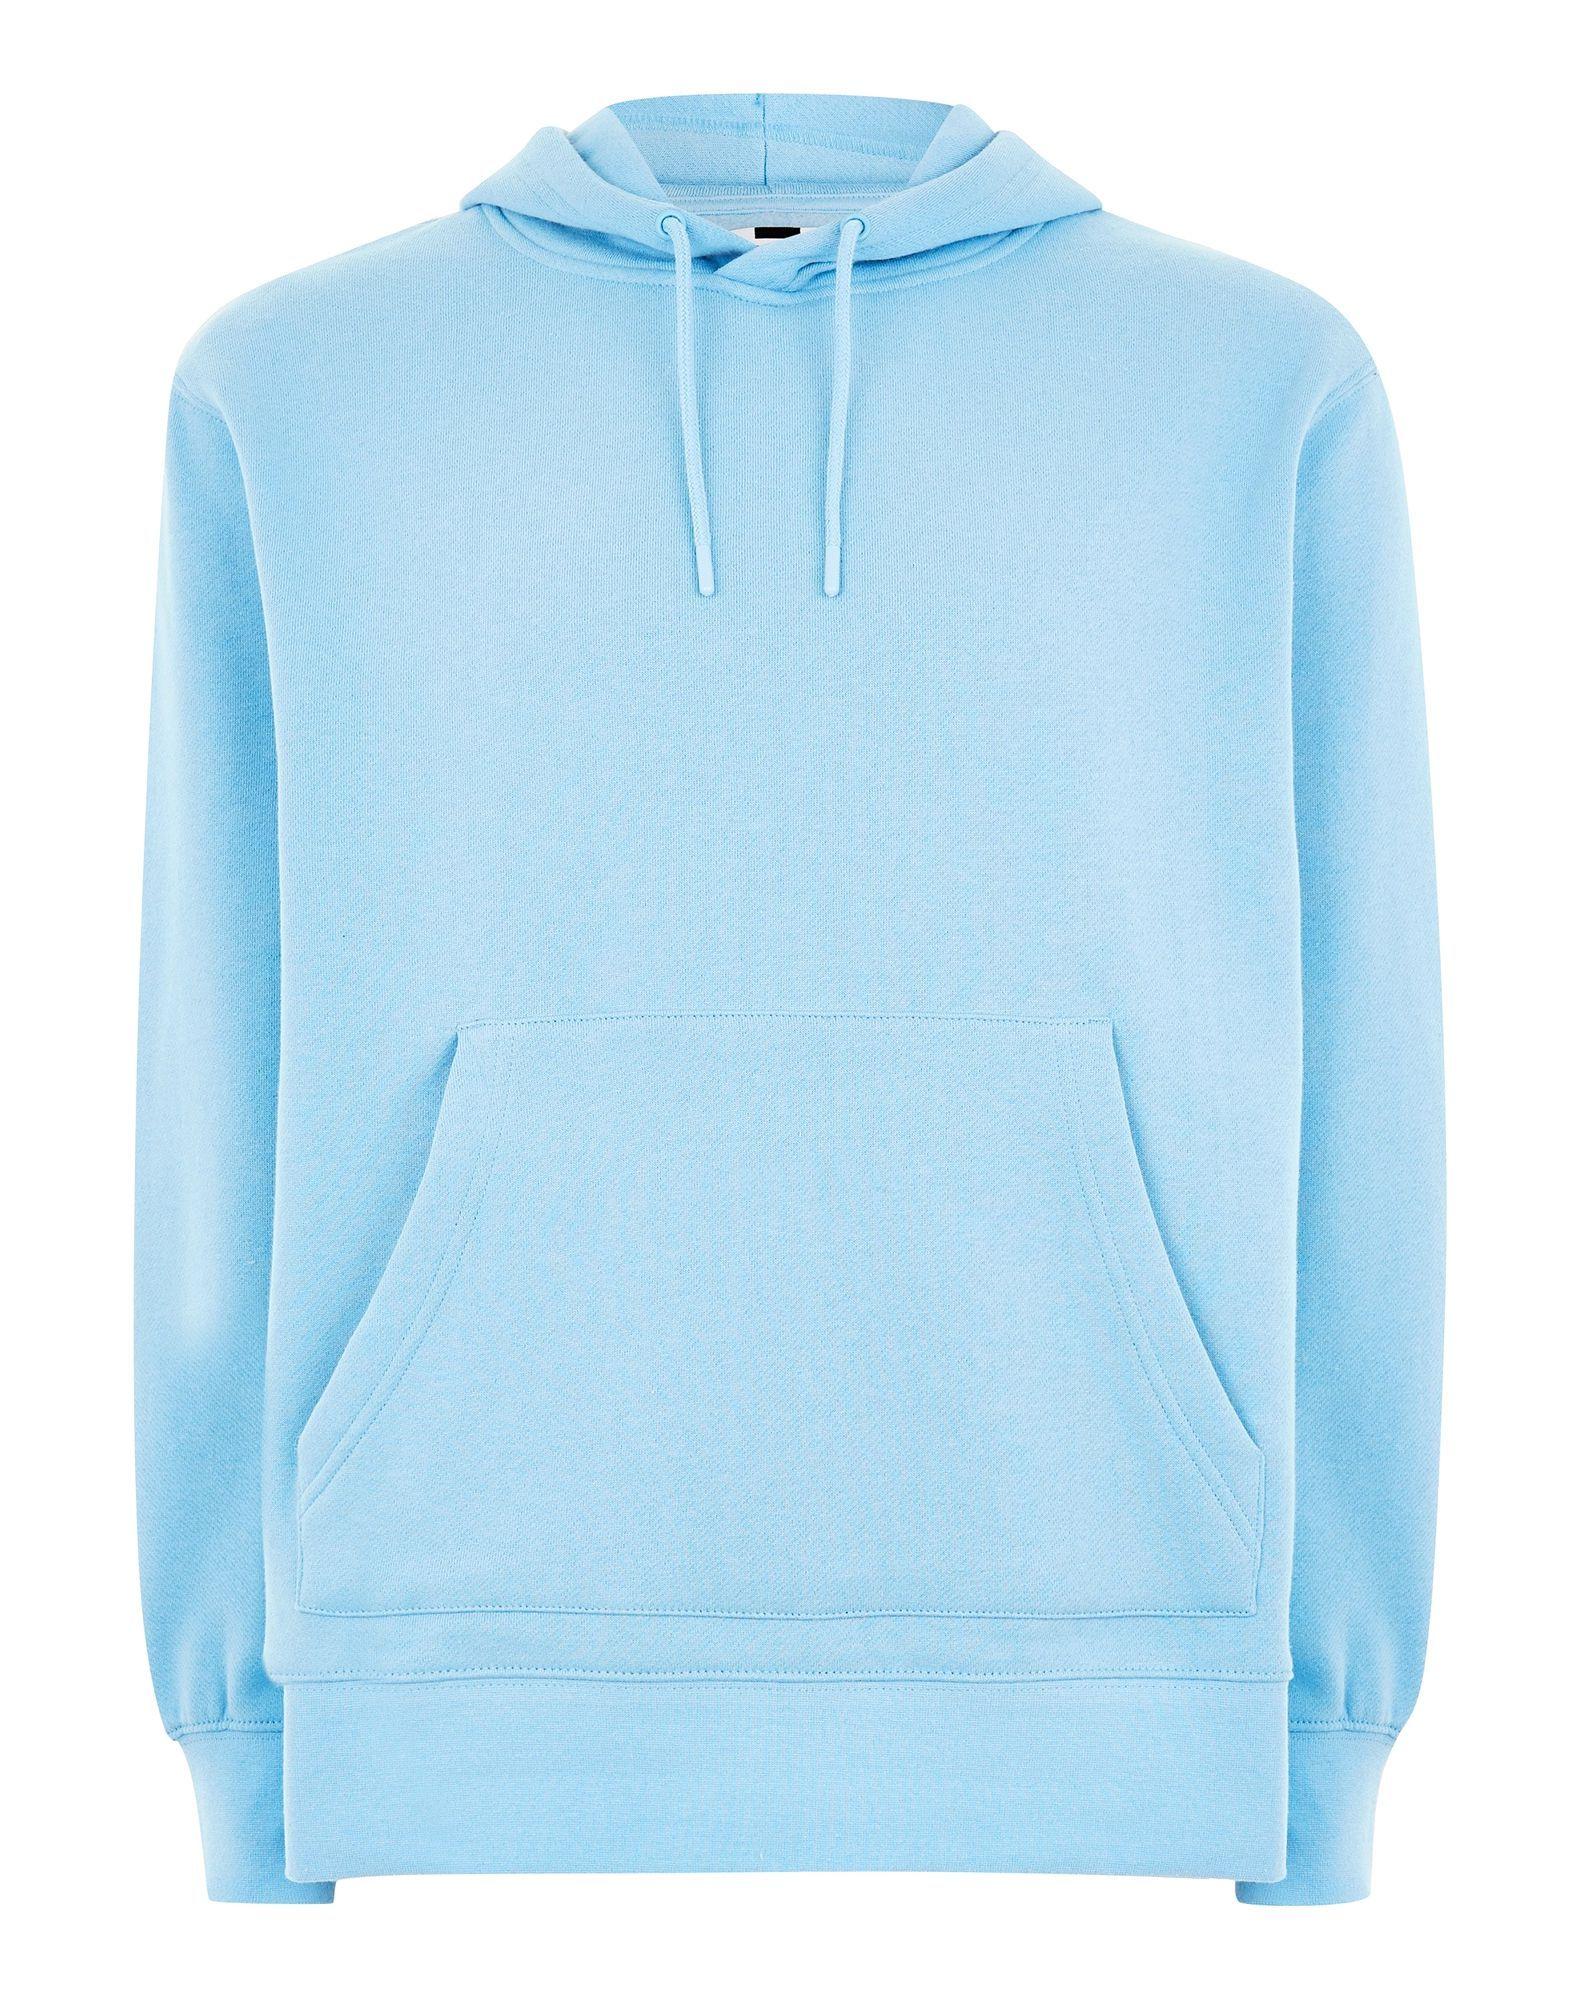 Topman Sweatshirts Topman Cloth Blue Hoodie Men Light Blue Hoodie Blue Hoodie Outfit [ 2000 x 1571 Pixel ]